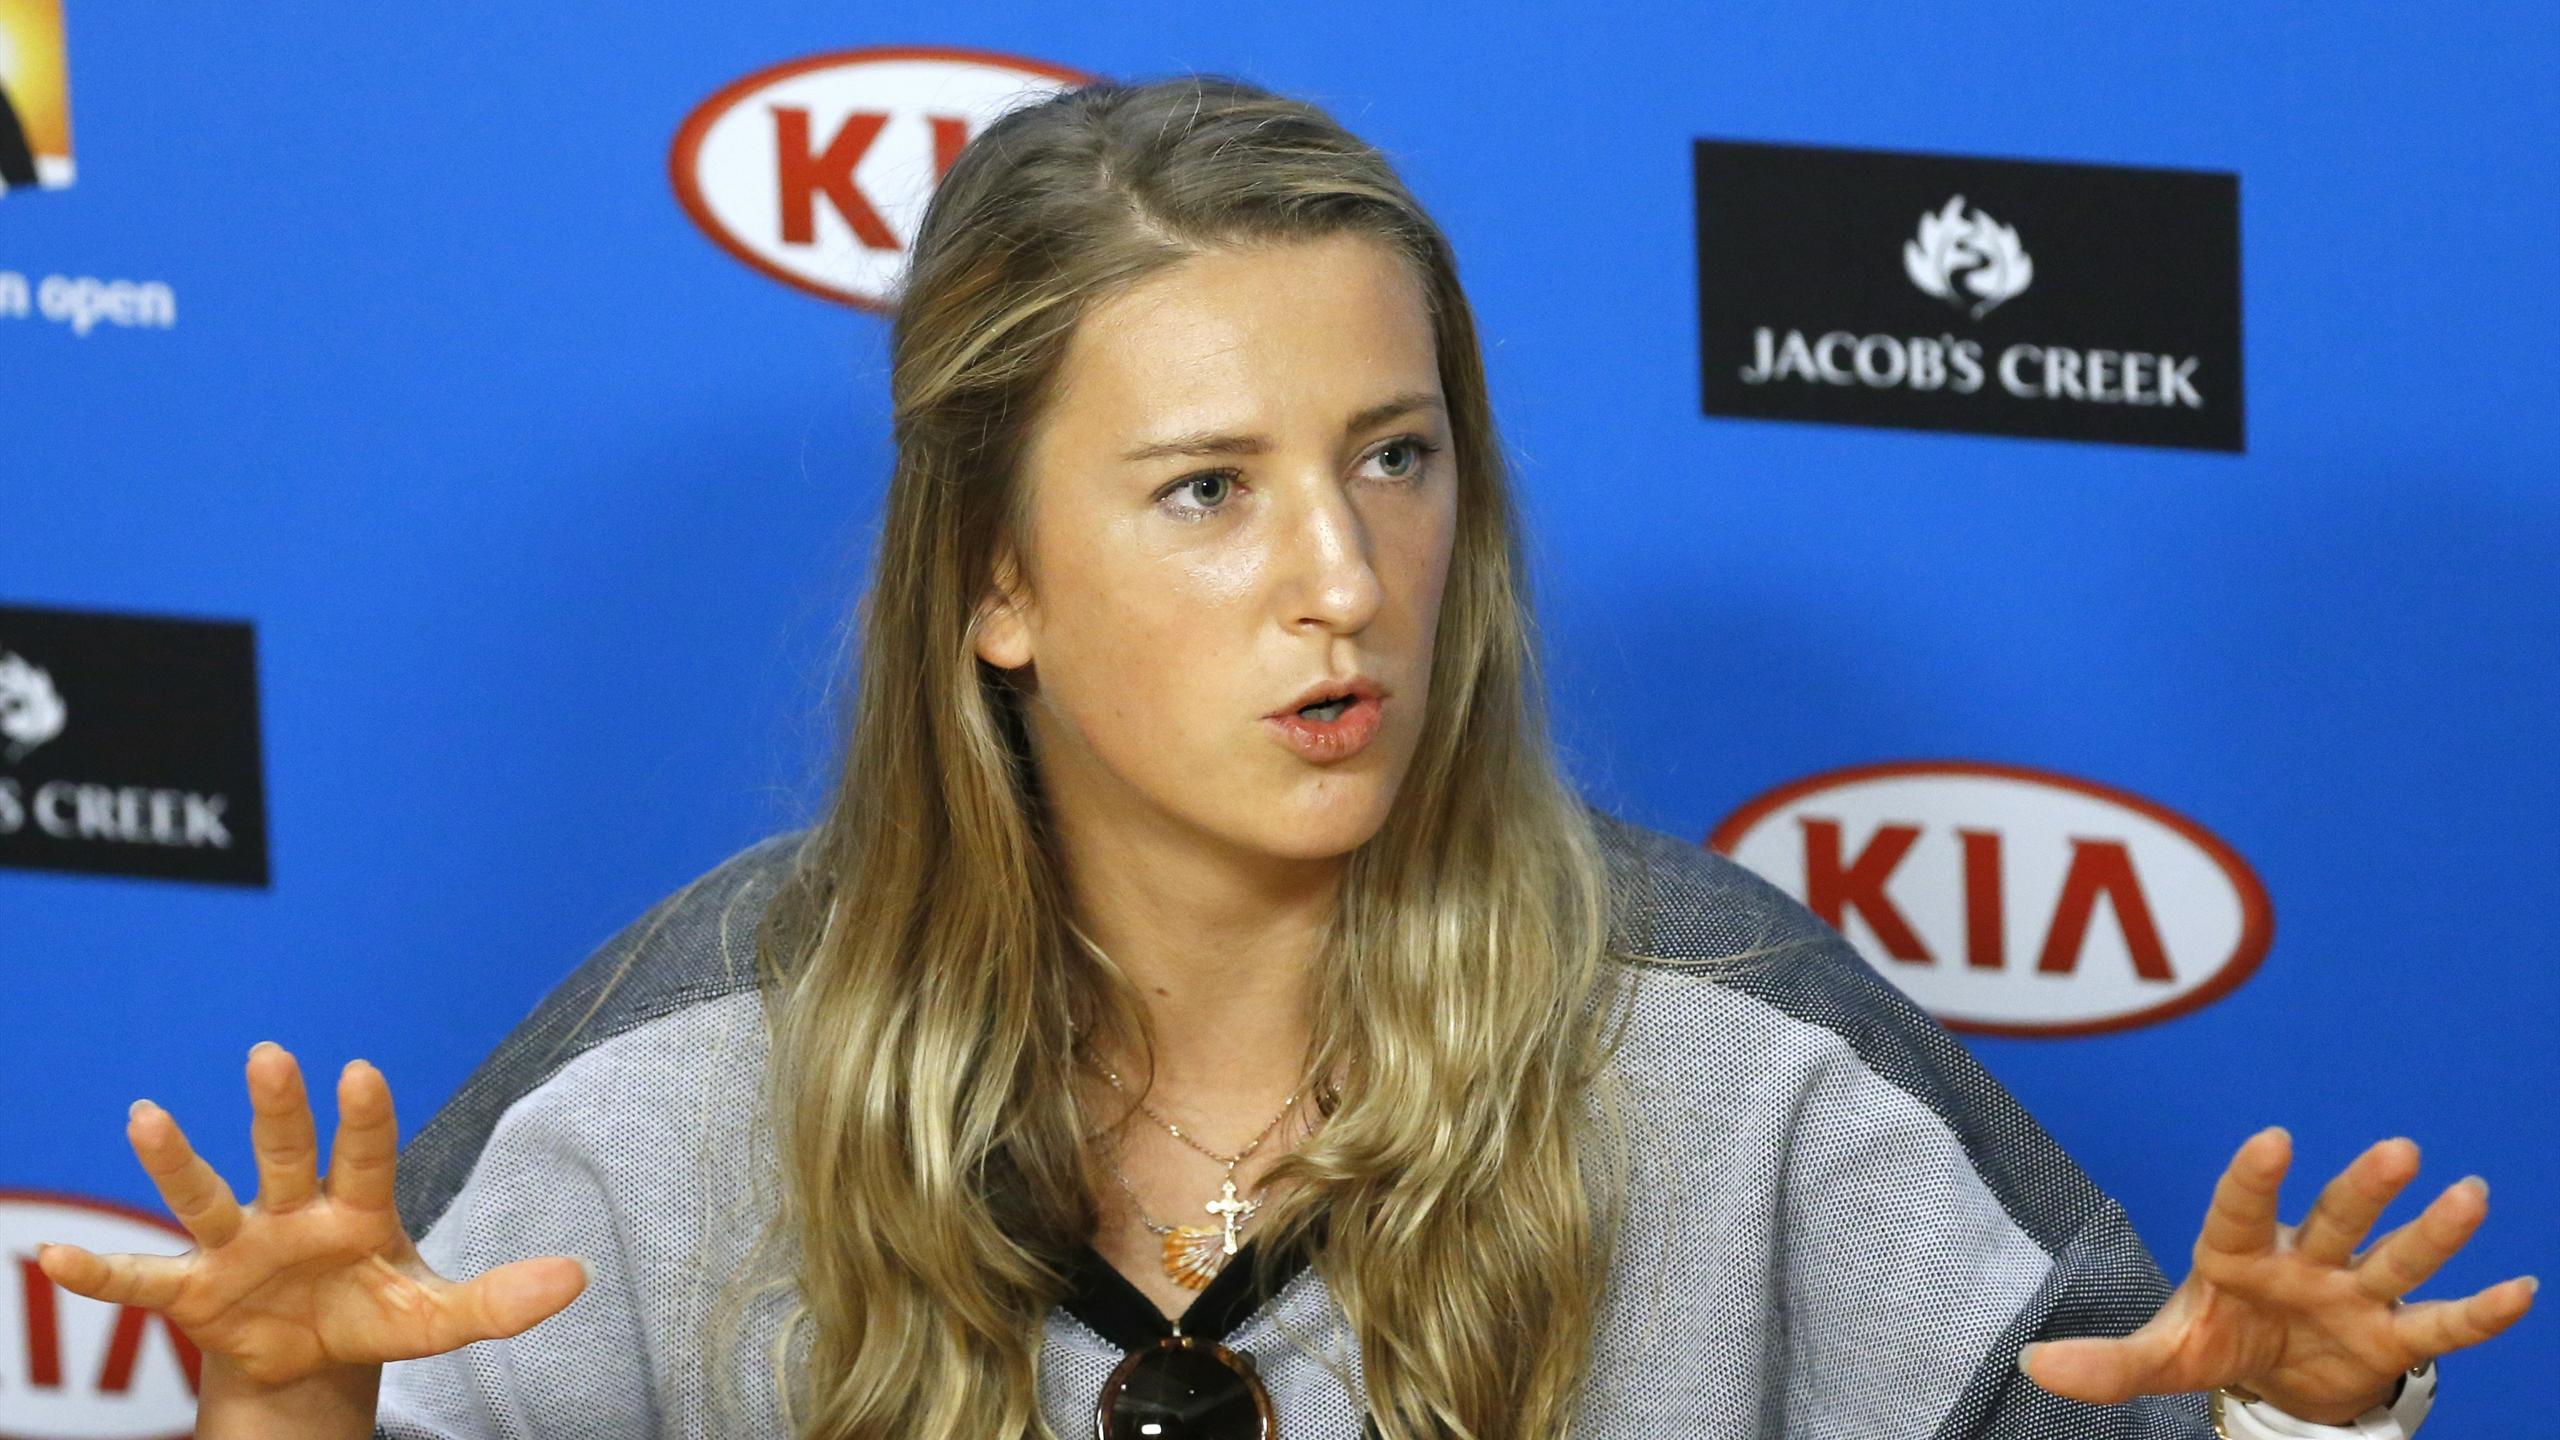 Belarus' Victoria Azarenka speaks during a news conference at Melbourne Park